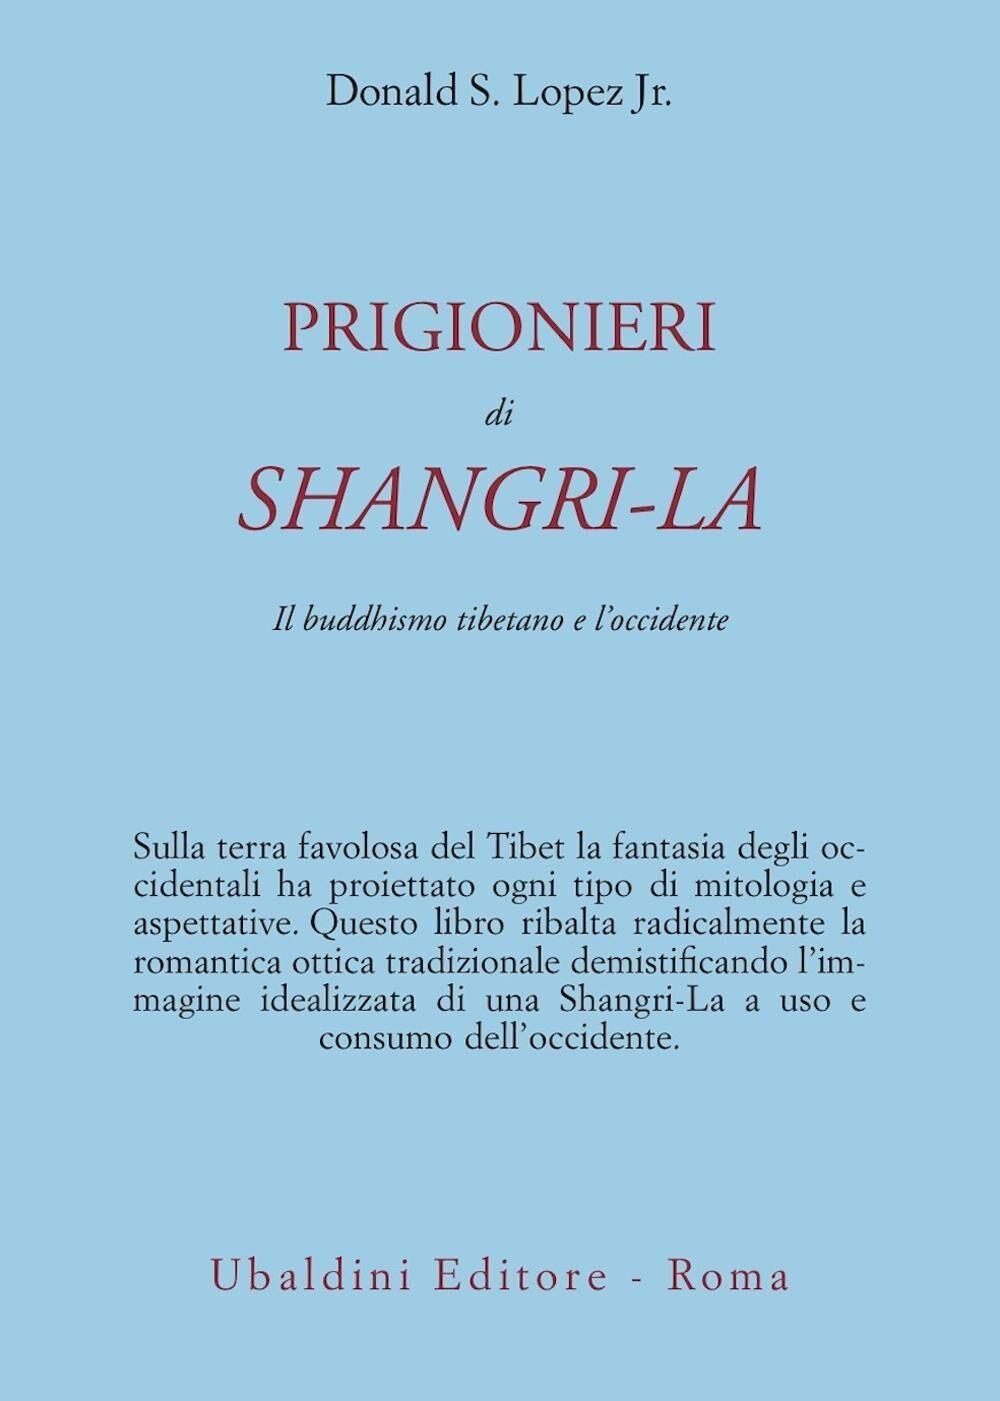 Prigionieri di Shangri-la. Il buddhismo tibetano e l'Occidente